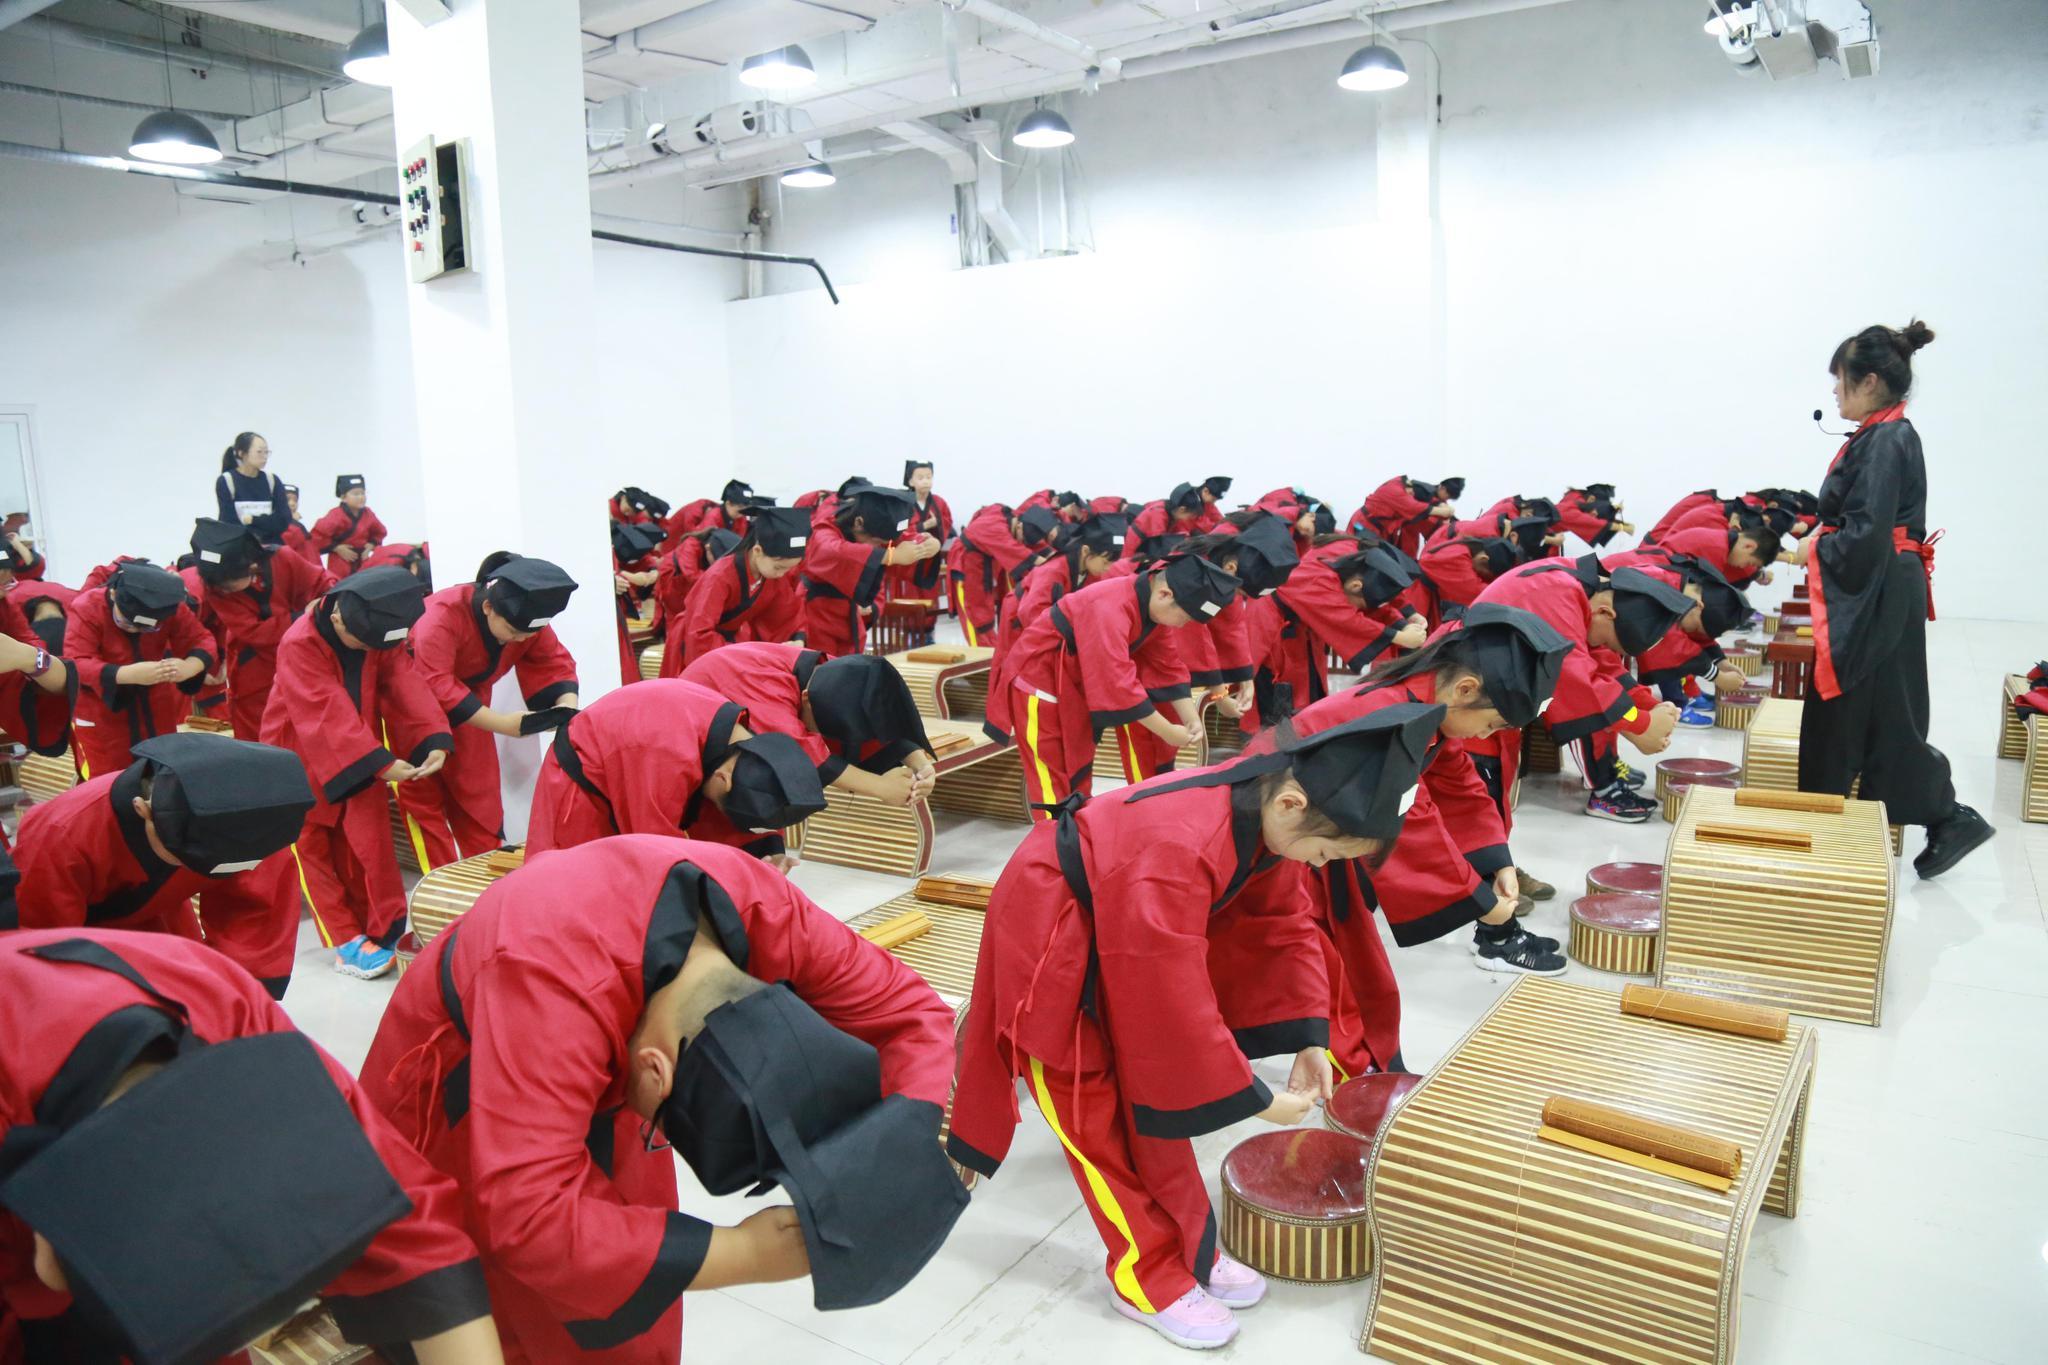 祁庄小学社会大课堂:感受实践的乐趣